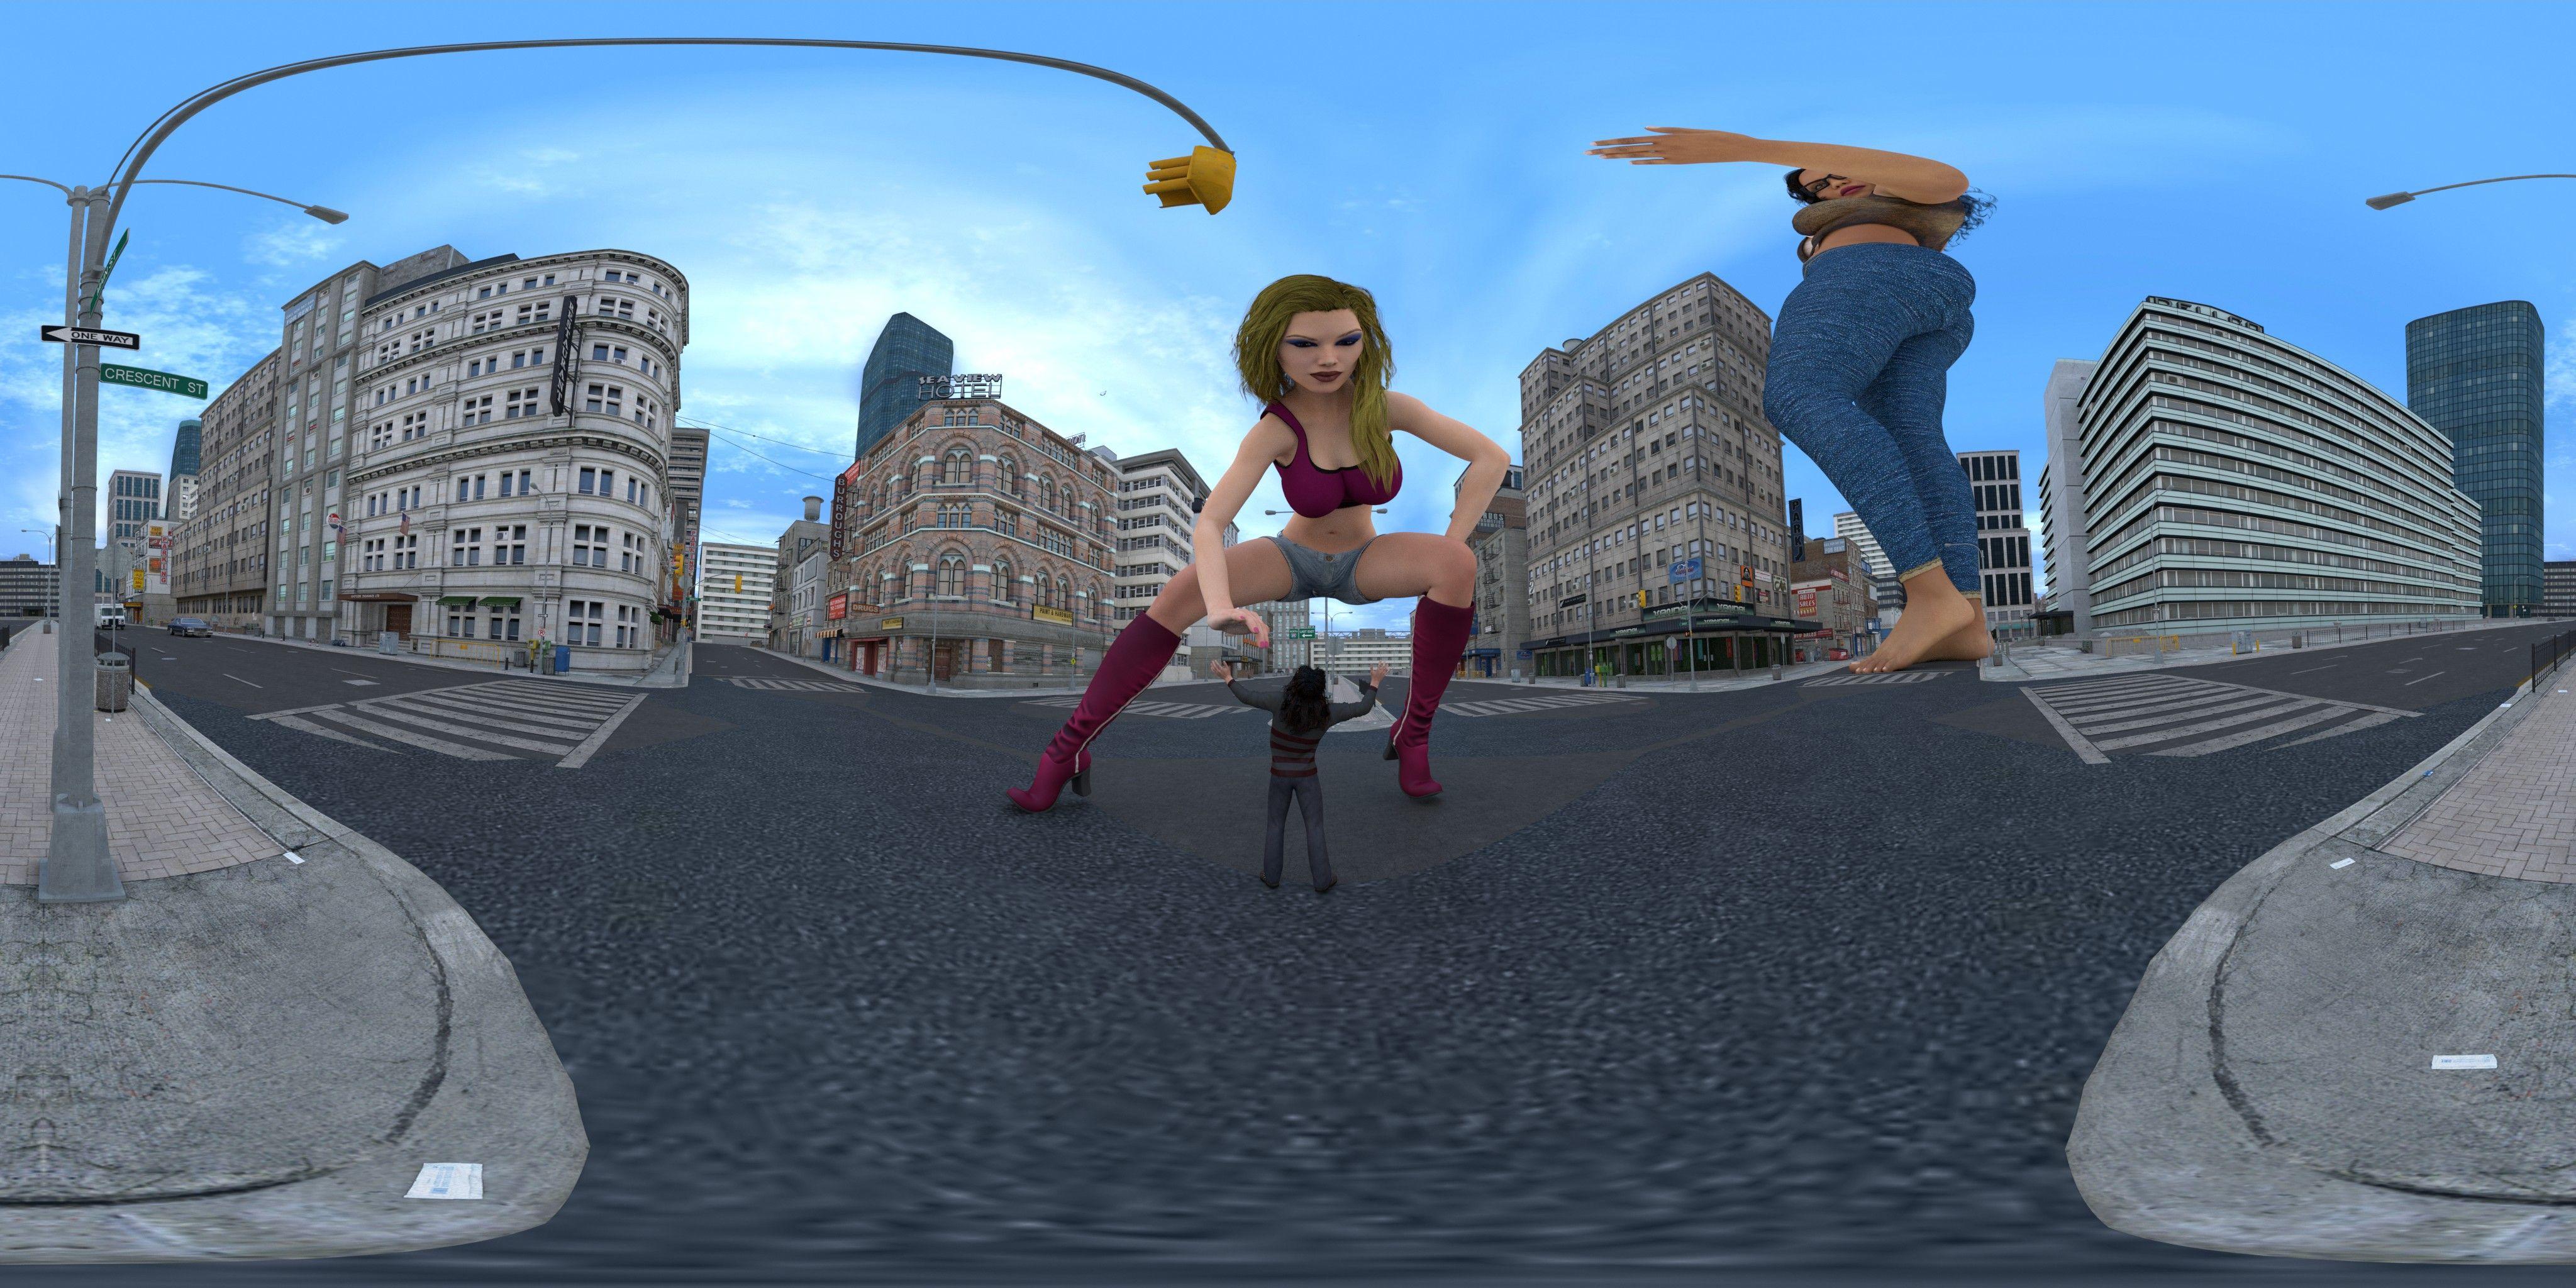 vr giantess game